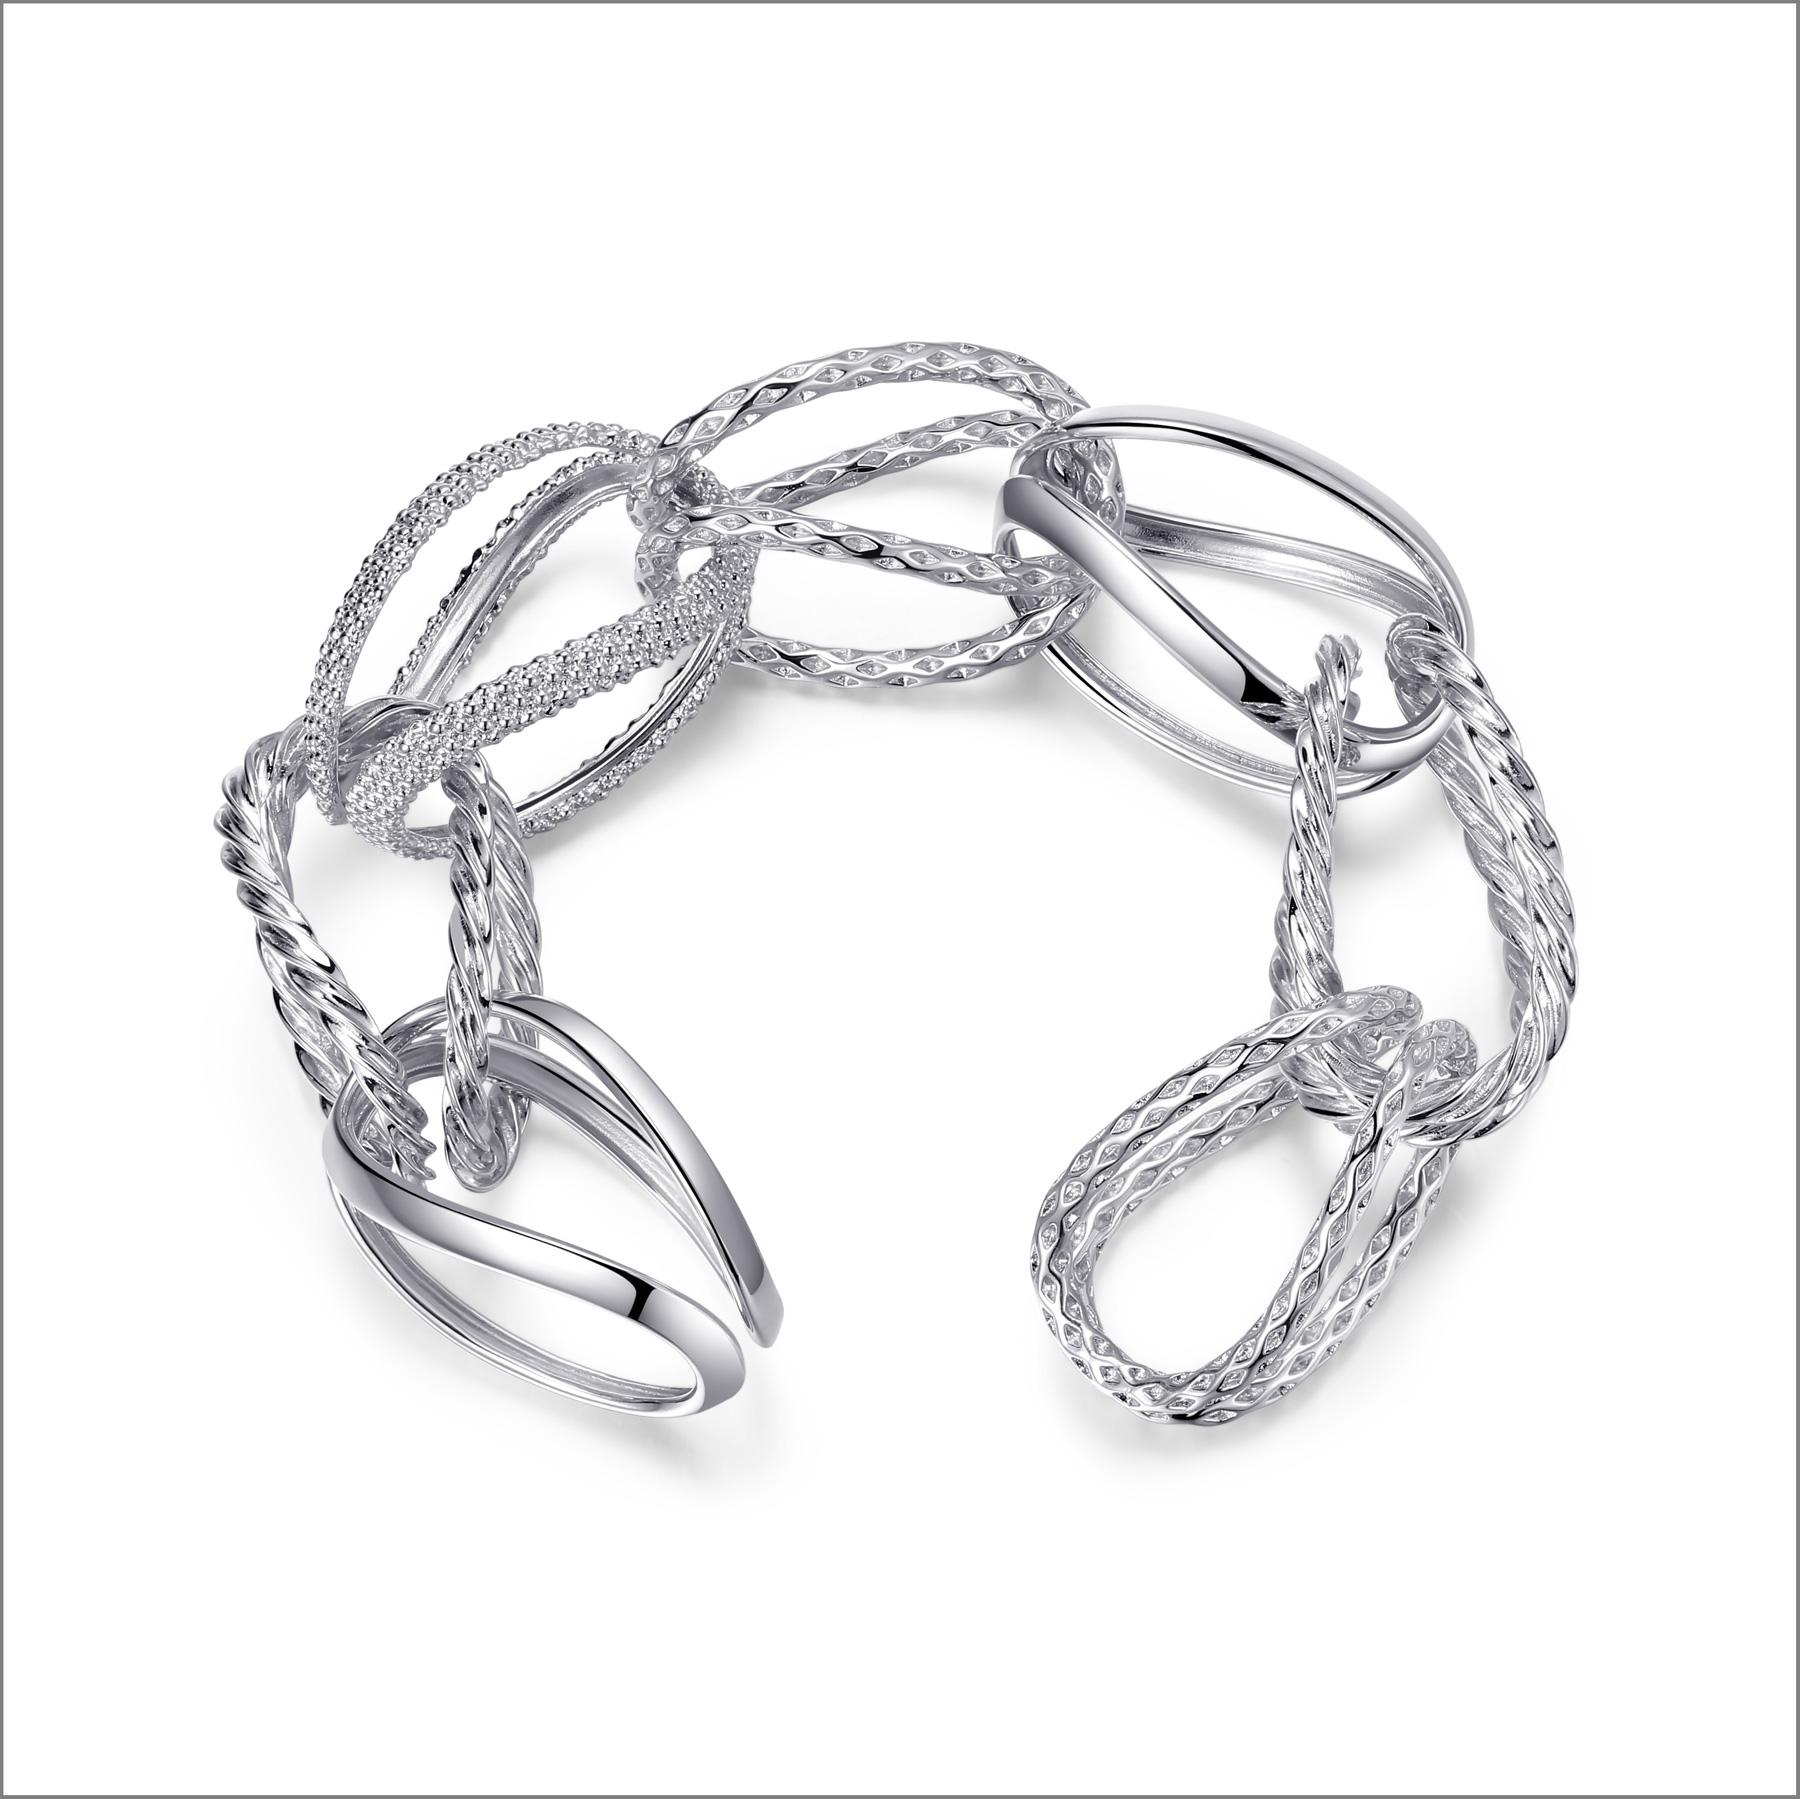 Bracciale in argento della collezione Tecum